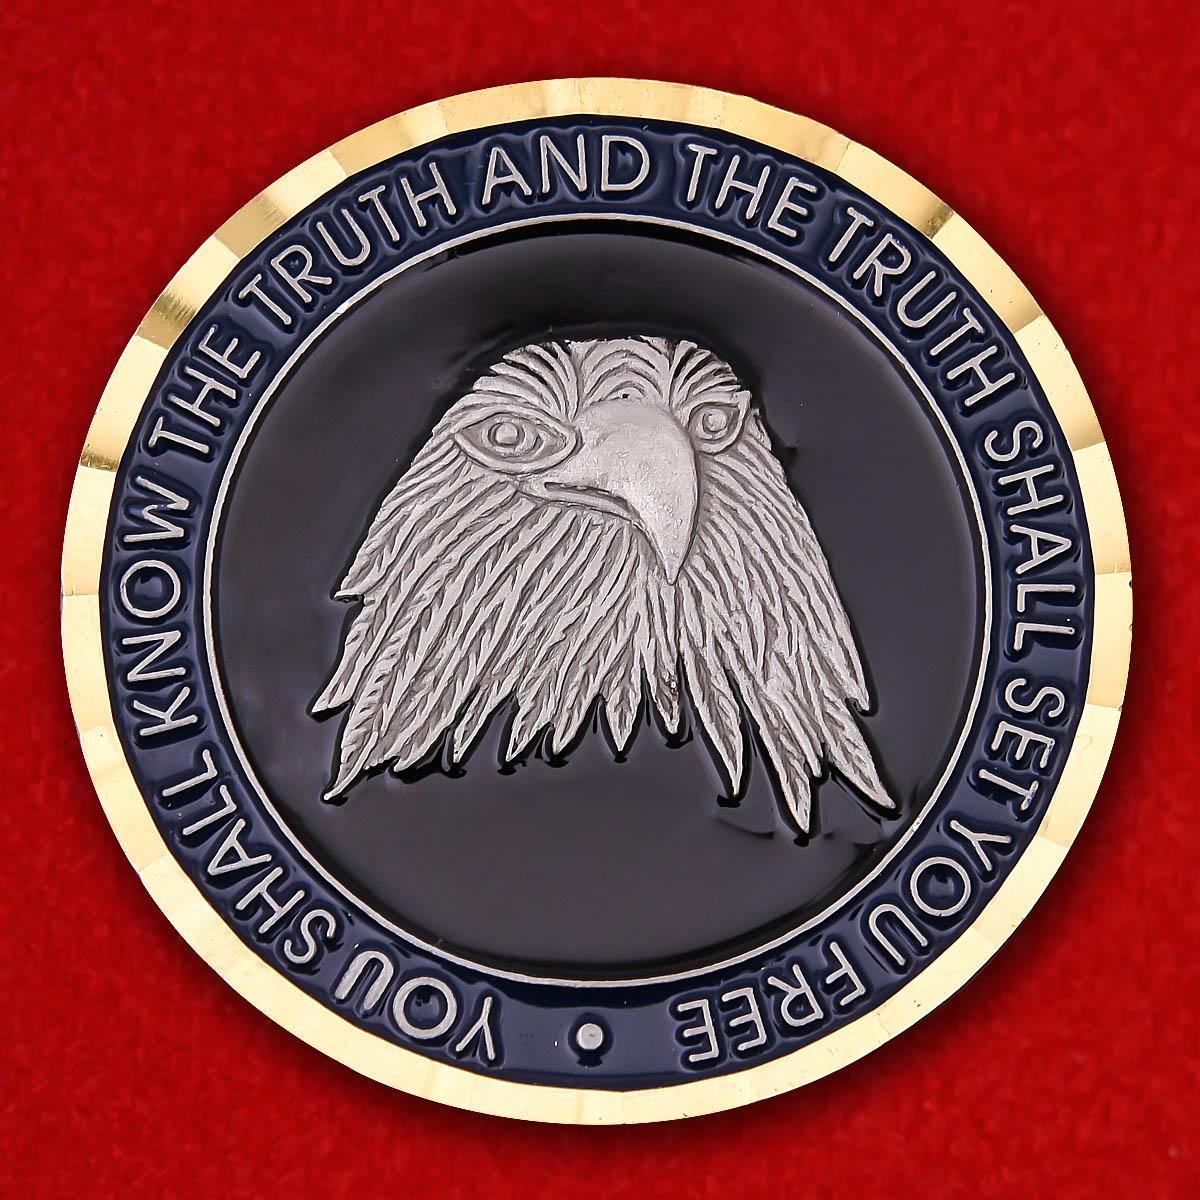 Clandestine service CIA Challenge Coin